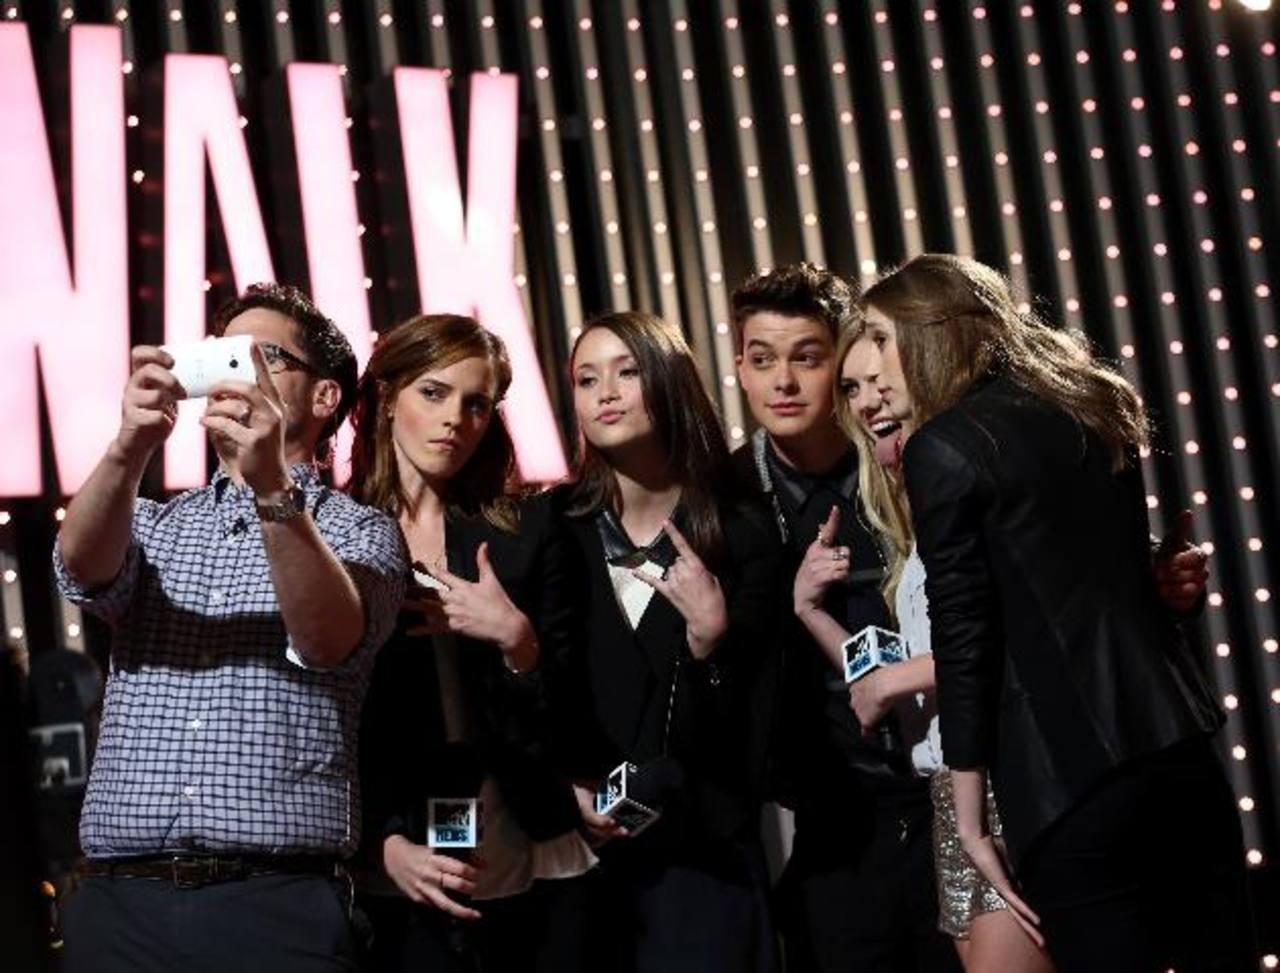 Parte de los actores del filme 'The Bling Ring', incluidos Emma Watson, posan durante una reunión previa a la entrega de premios. FOTO AP